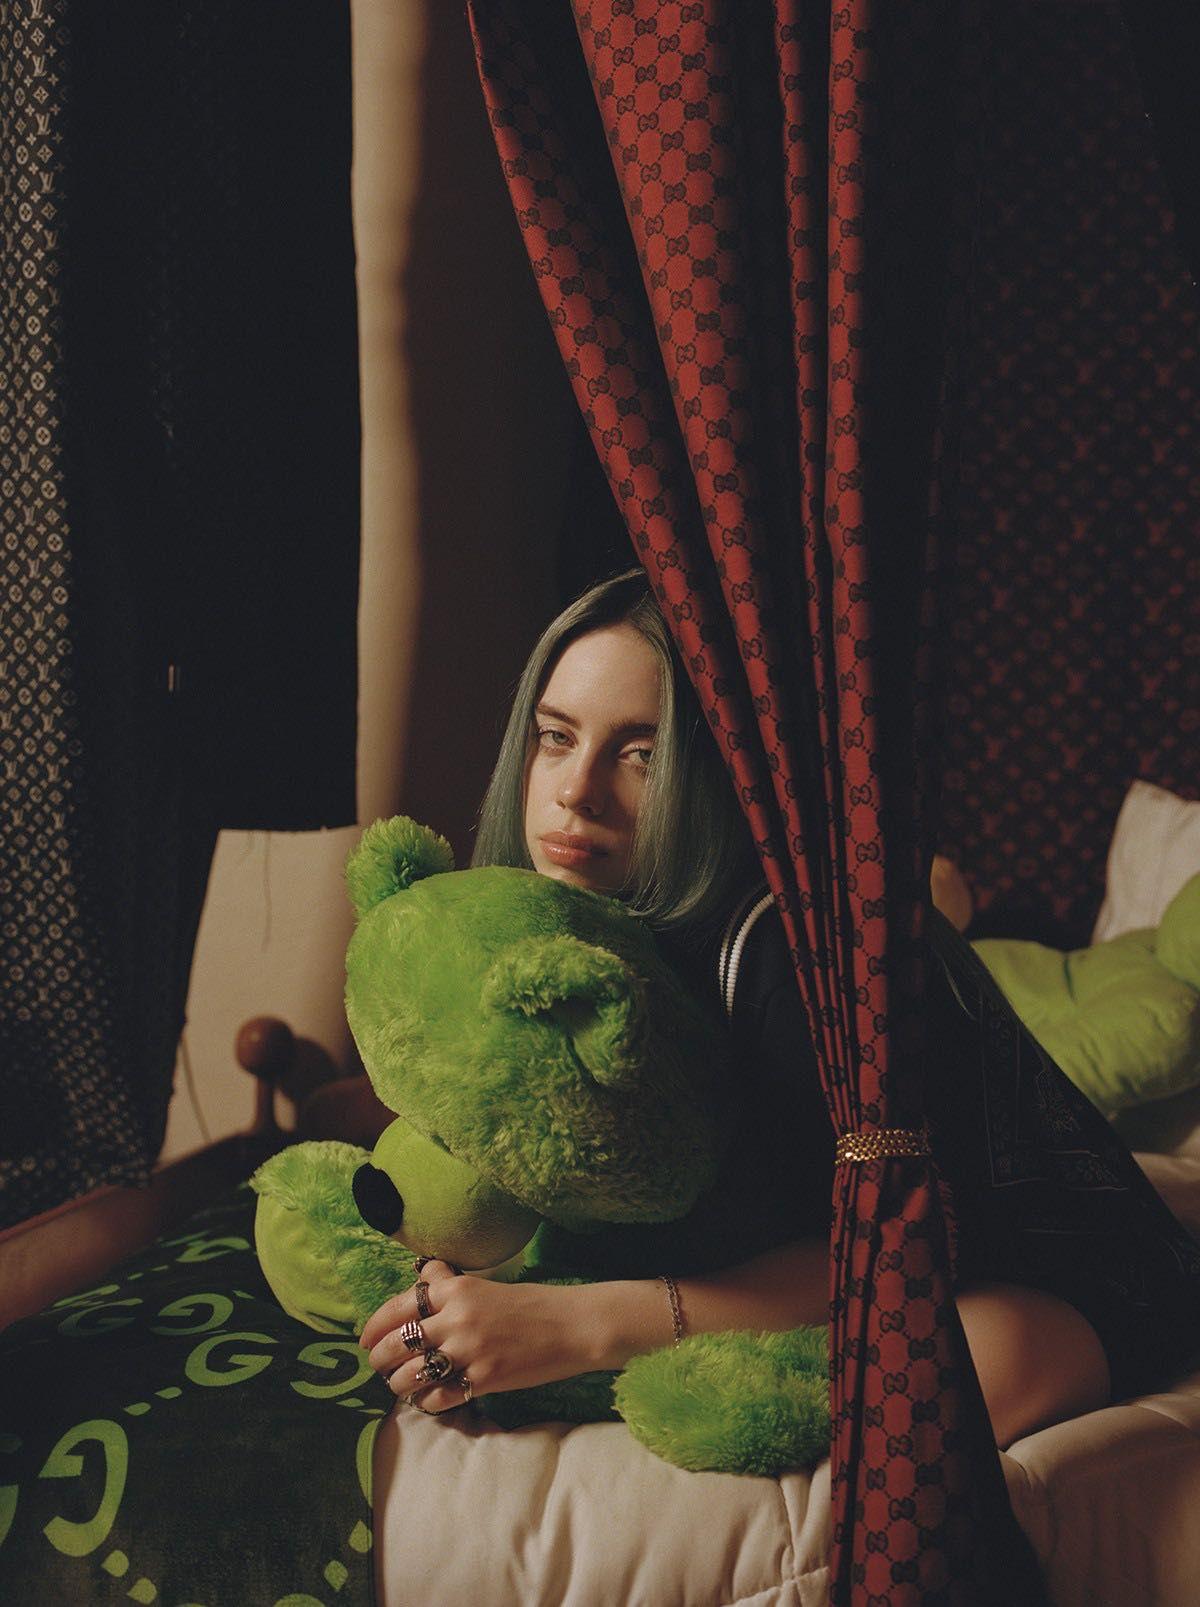 Billie Eilish x Que // FANFIC - Just like a kid - Wattpad